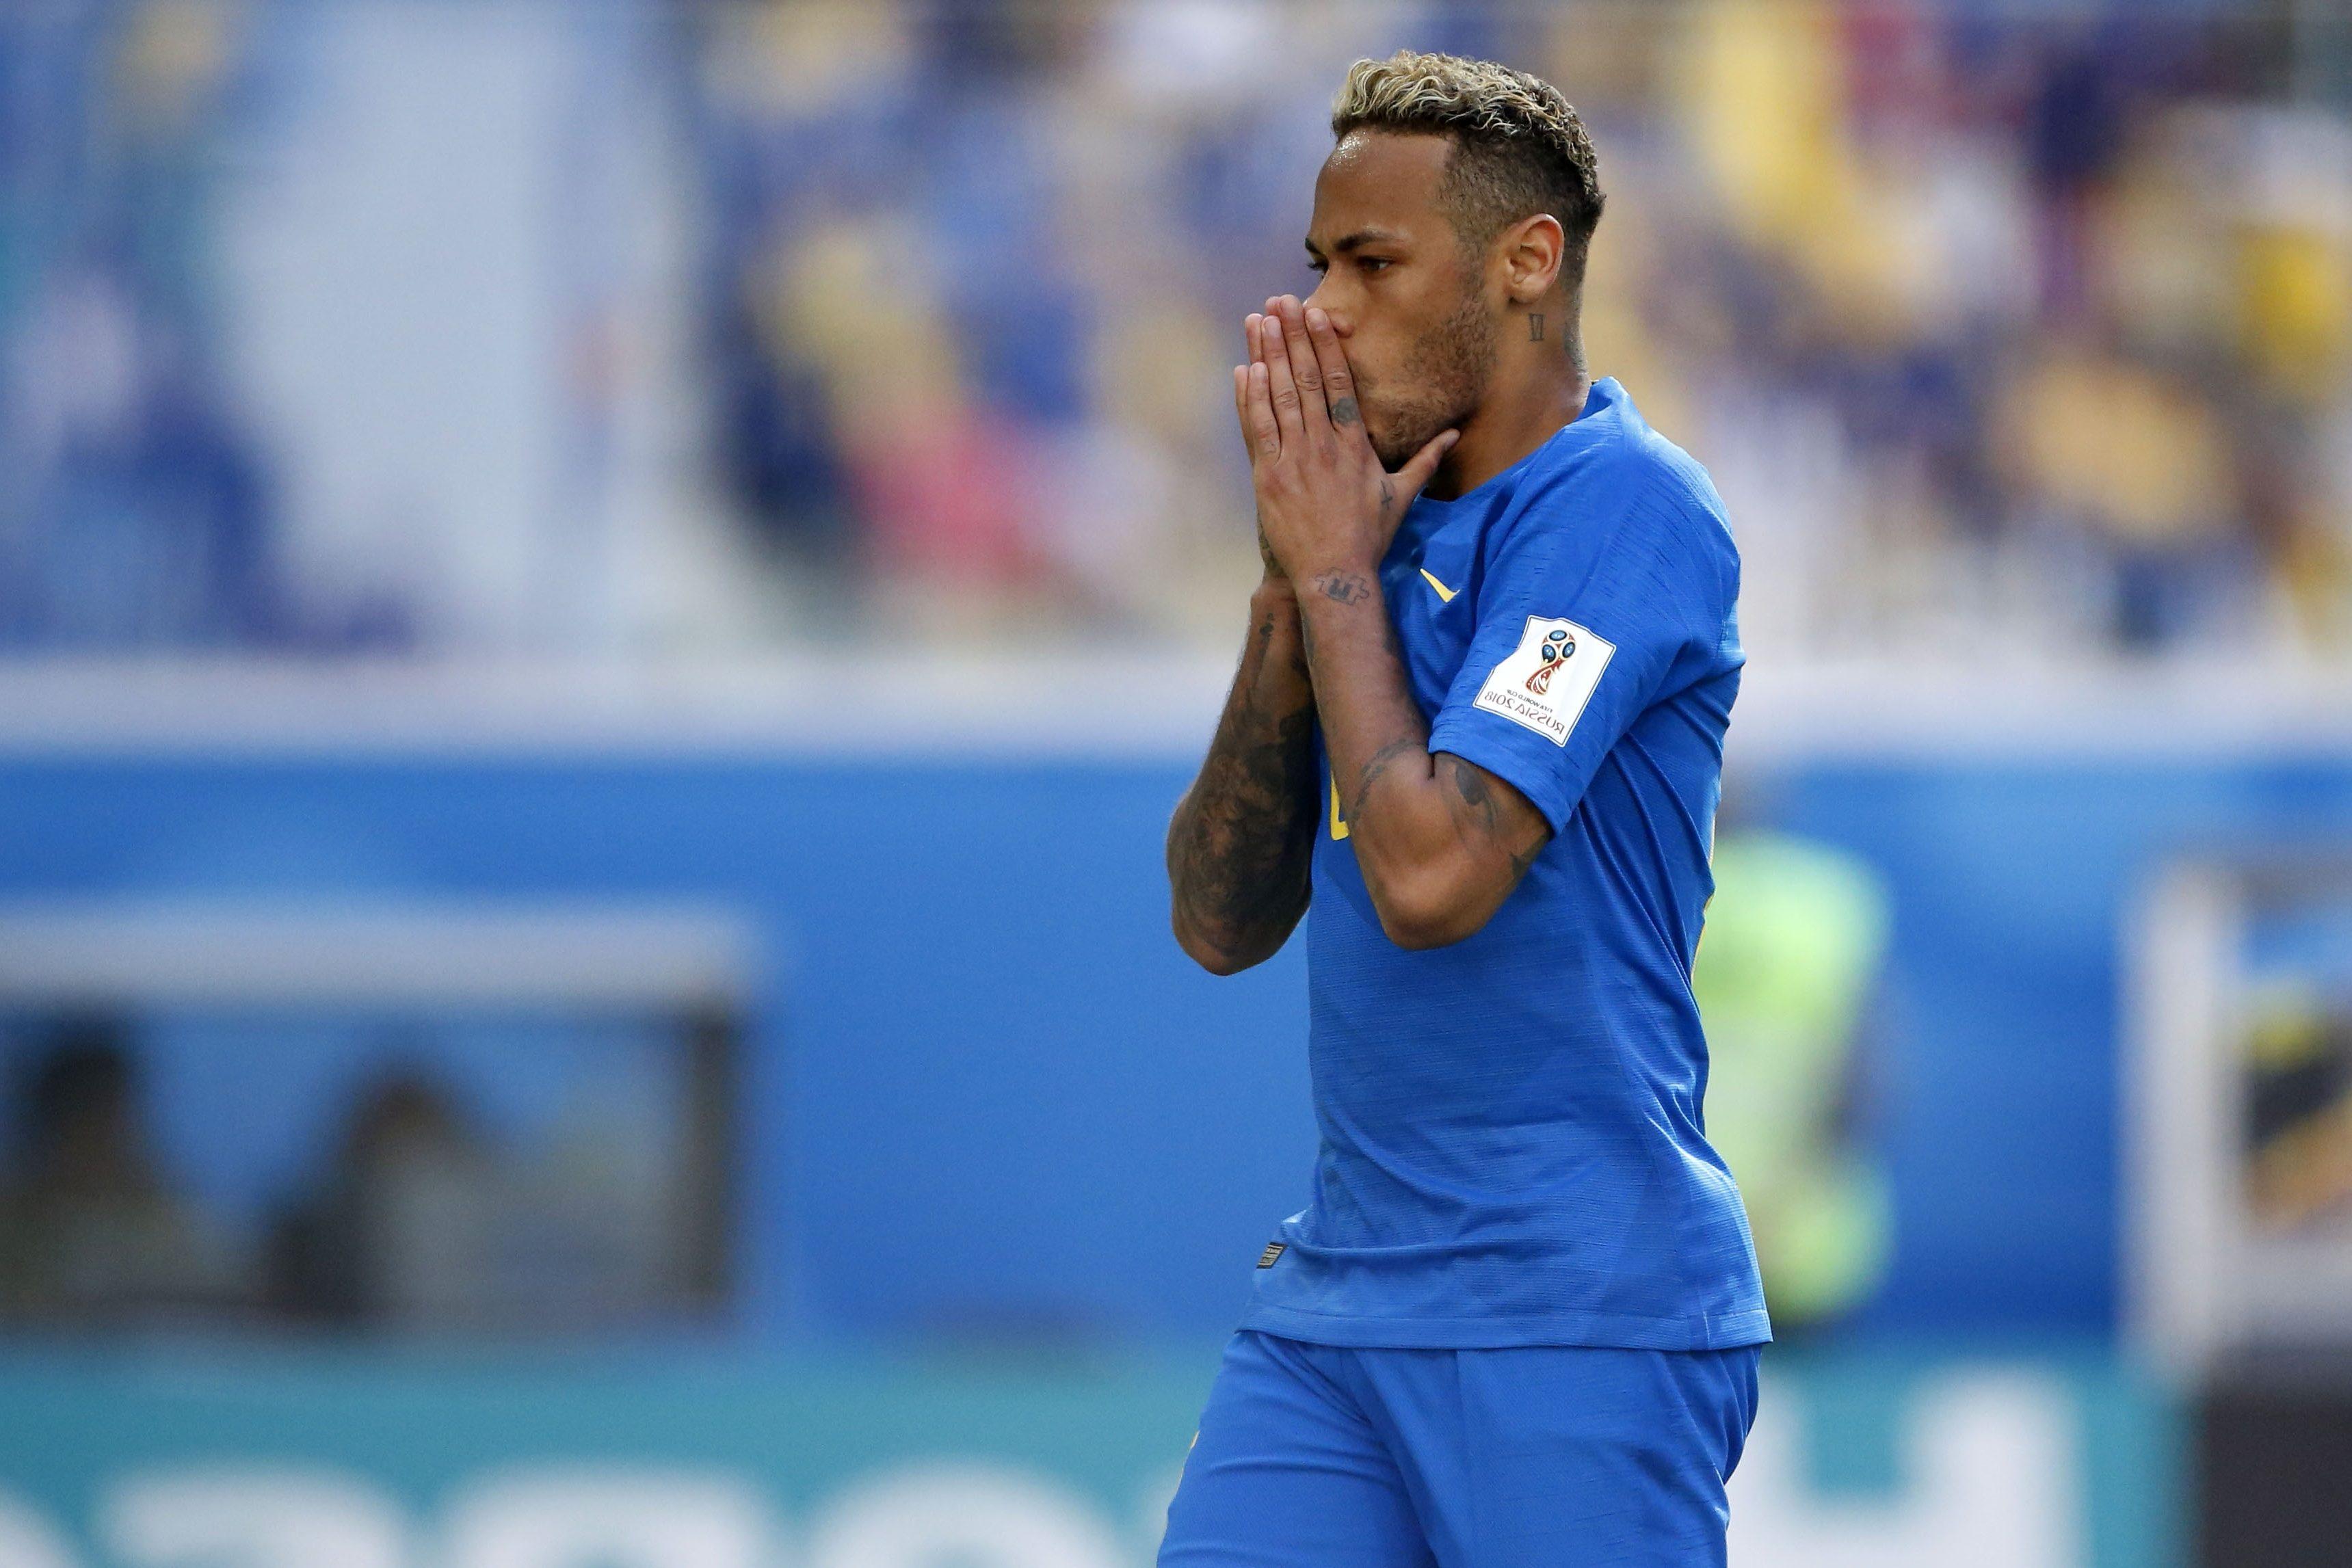 Bebidas gratis para todos, cortesía de Neymar